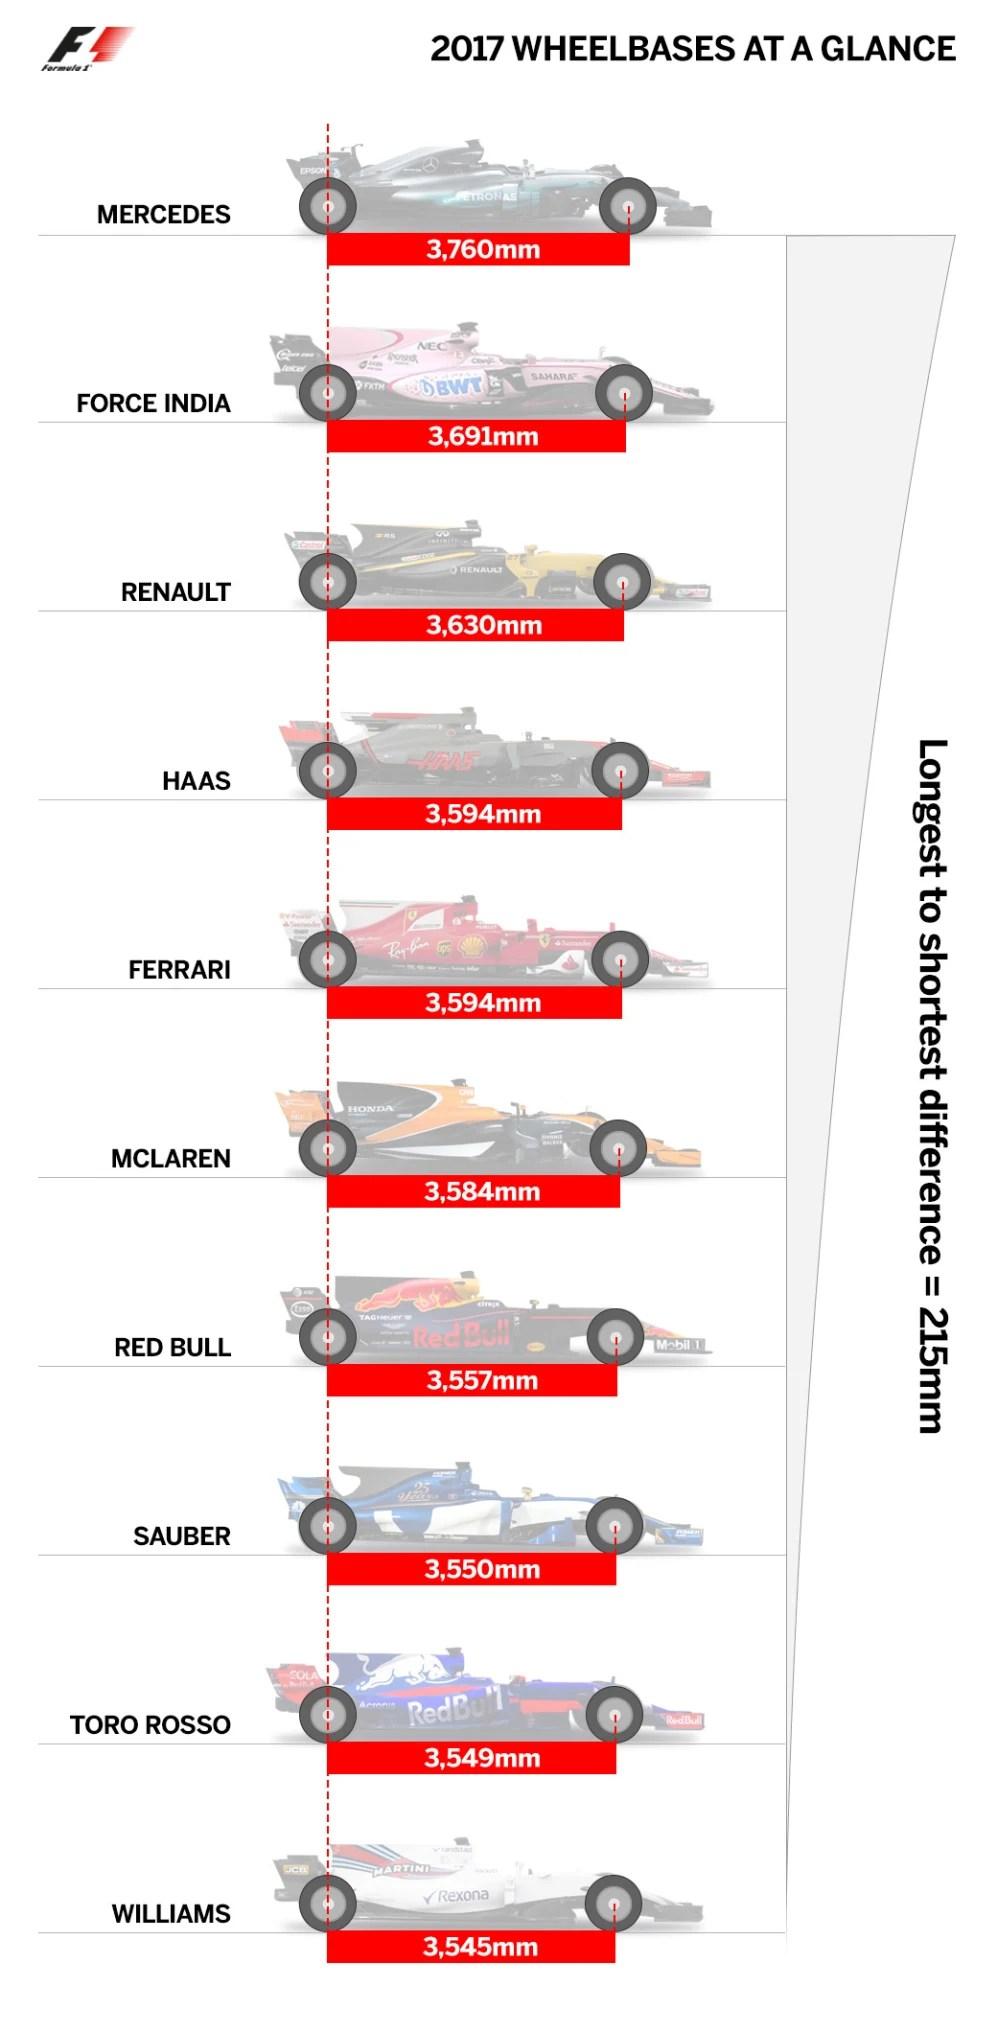 F1 Car Size Comparison : comparison, Wheelbase:, Design, Characteristic, Might, Mercedes, Monaco